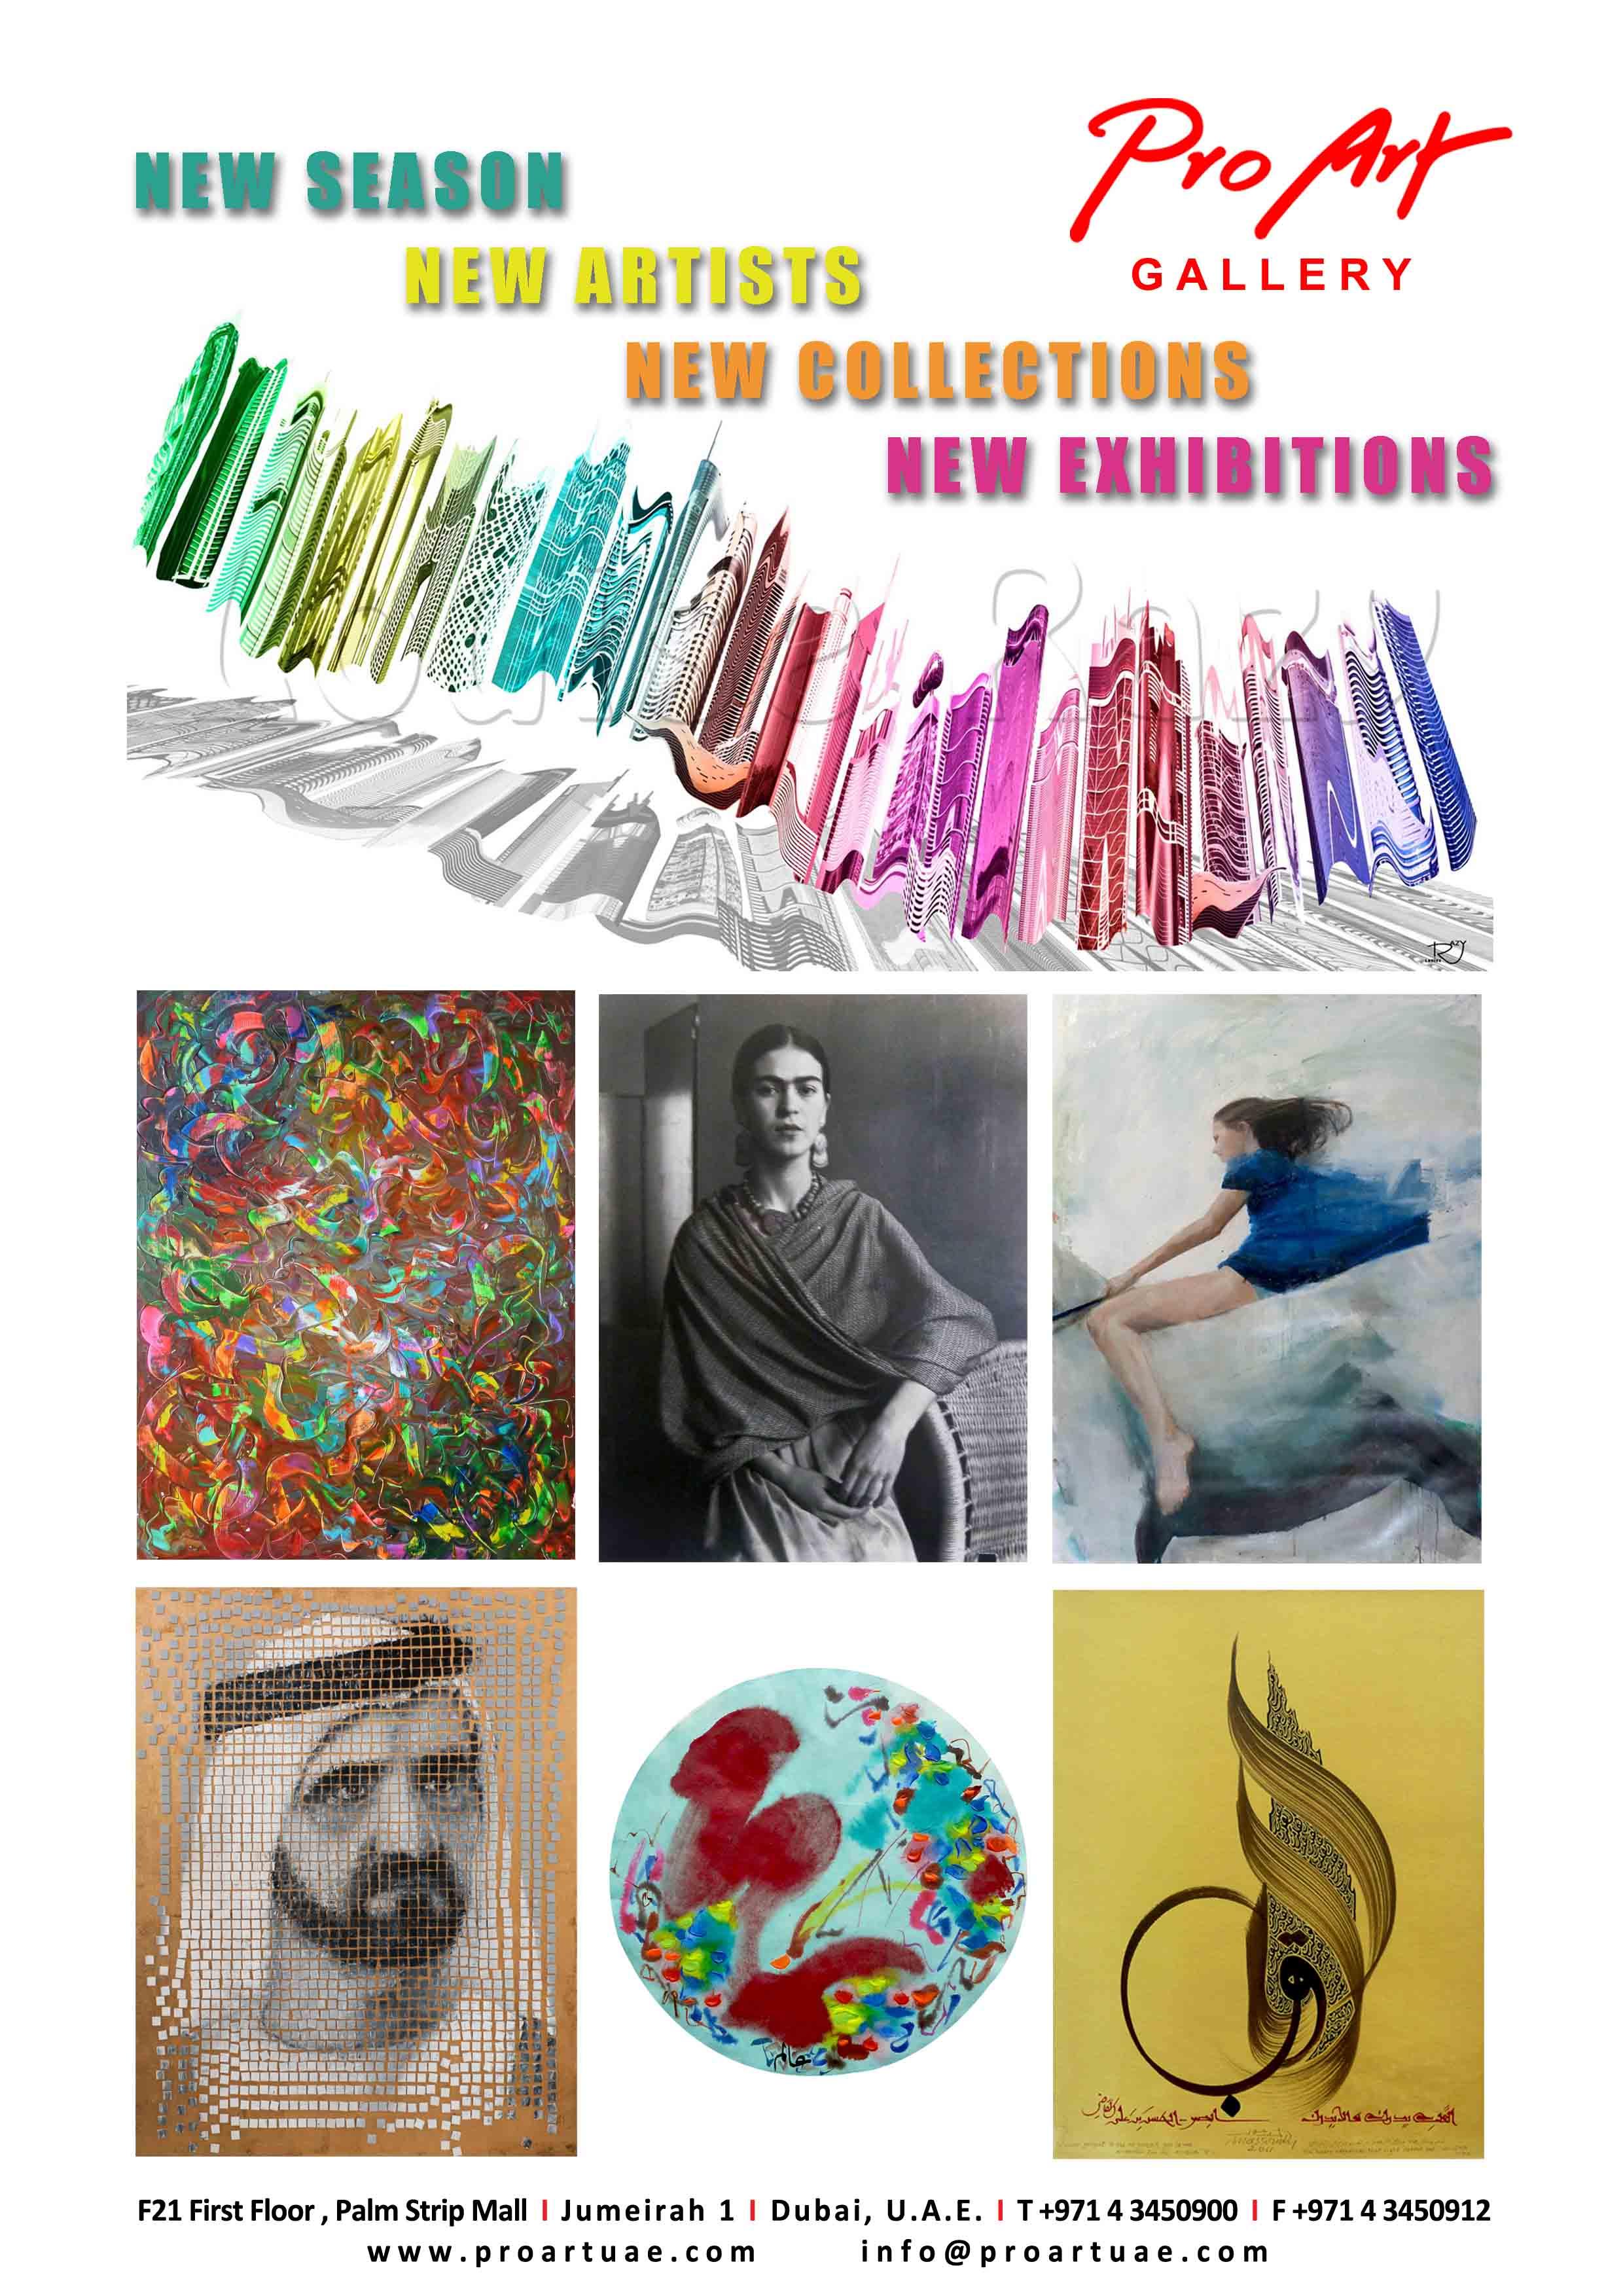 Exposition permanente ProArt Gallery Dubaï